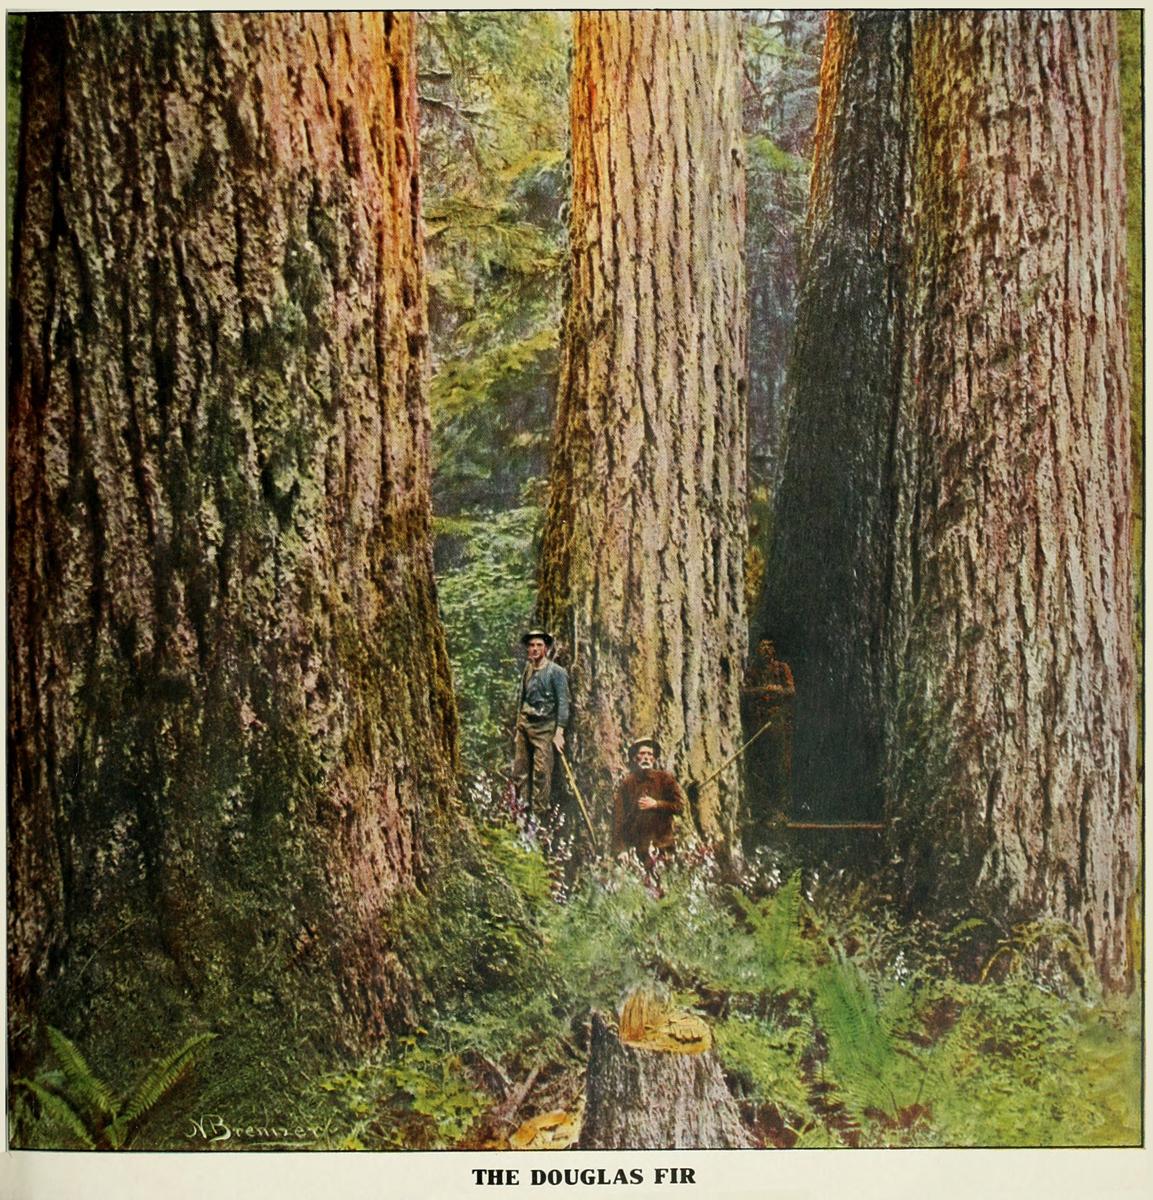 Douglas Fir, American Forestry (1910-1923).